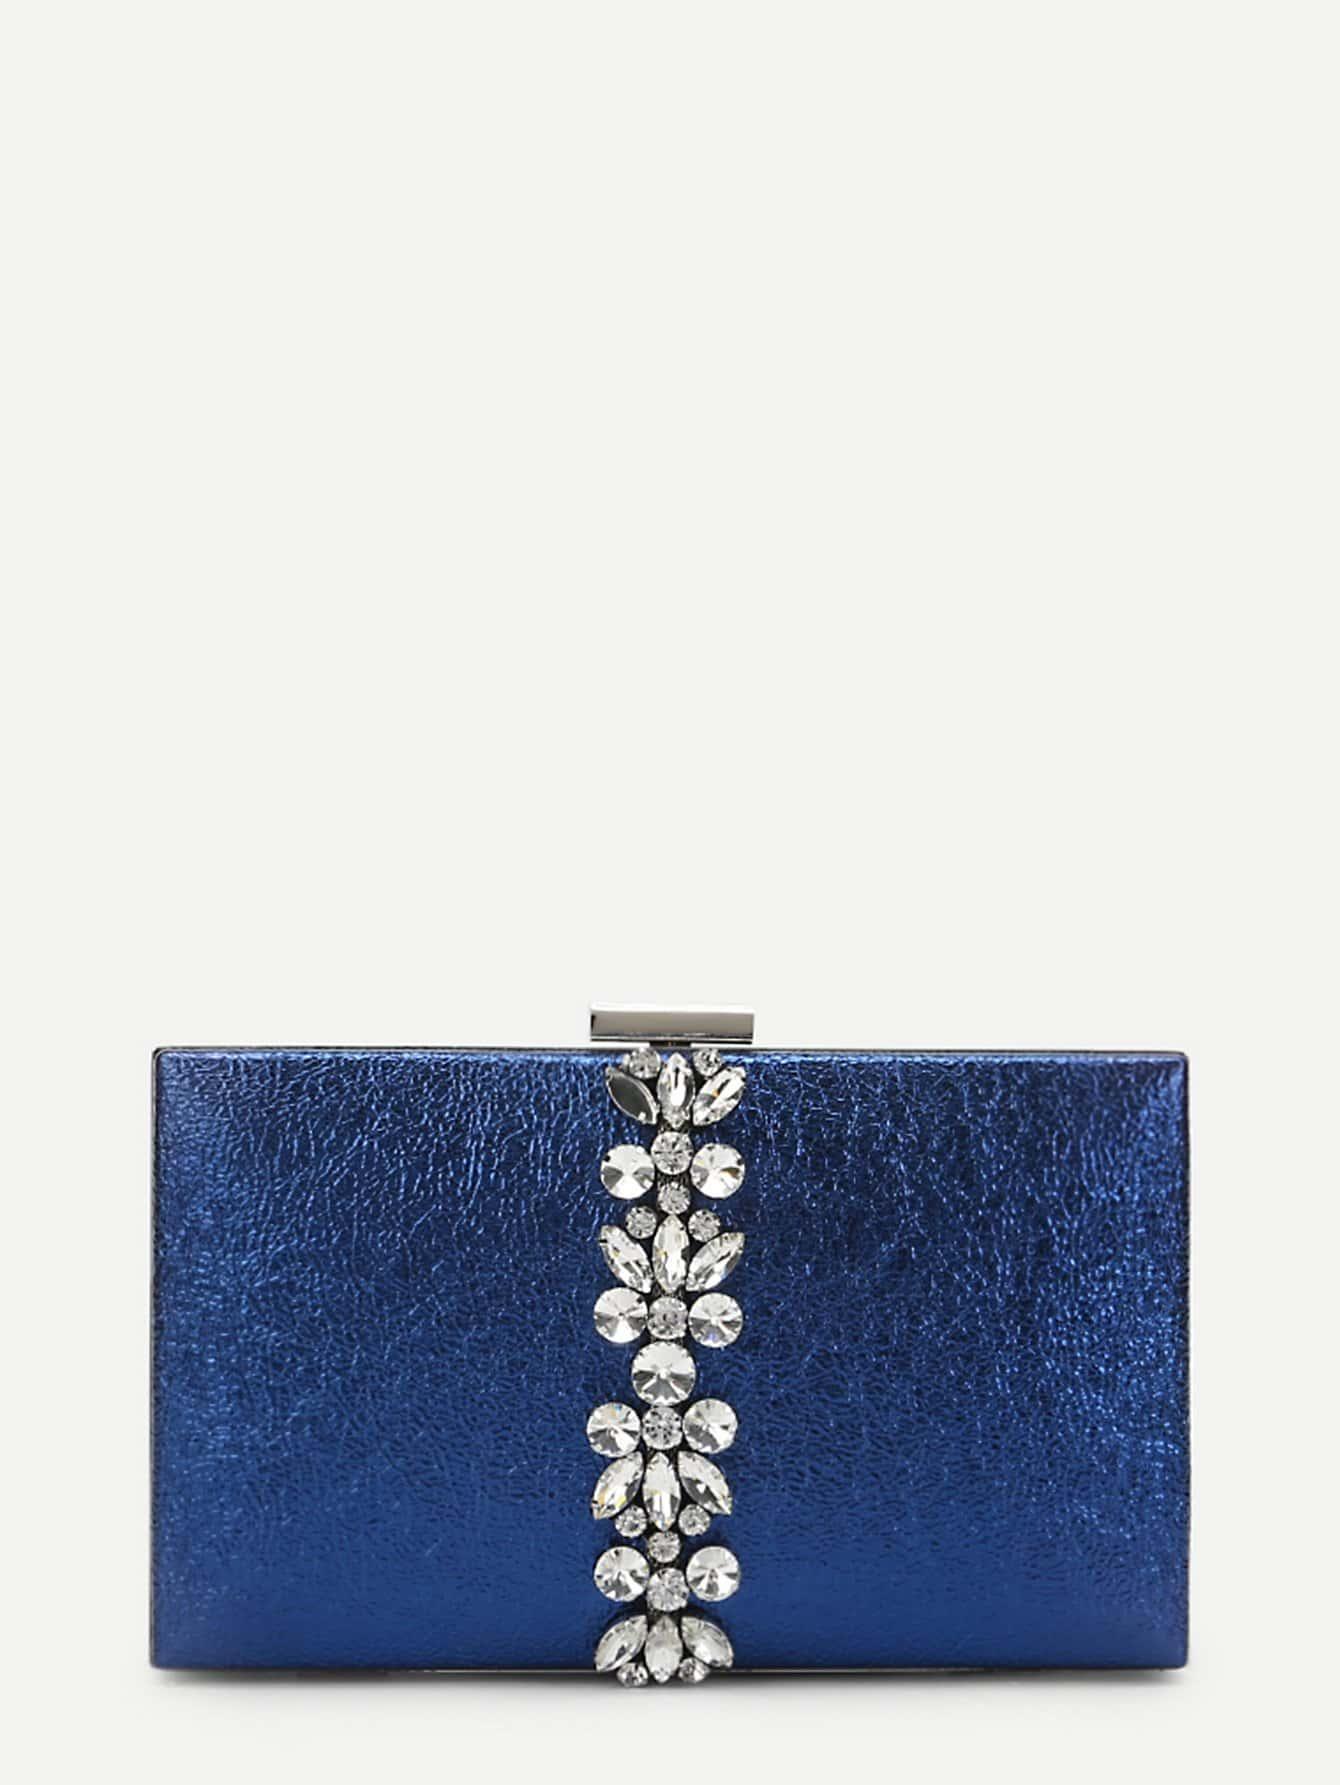 Фото - Rhinestone Decorated Clutch Bag fawziya bird clutch bags for womens evening bag hard case rhinestone